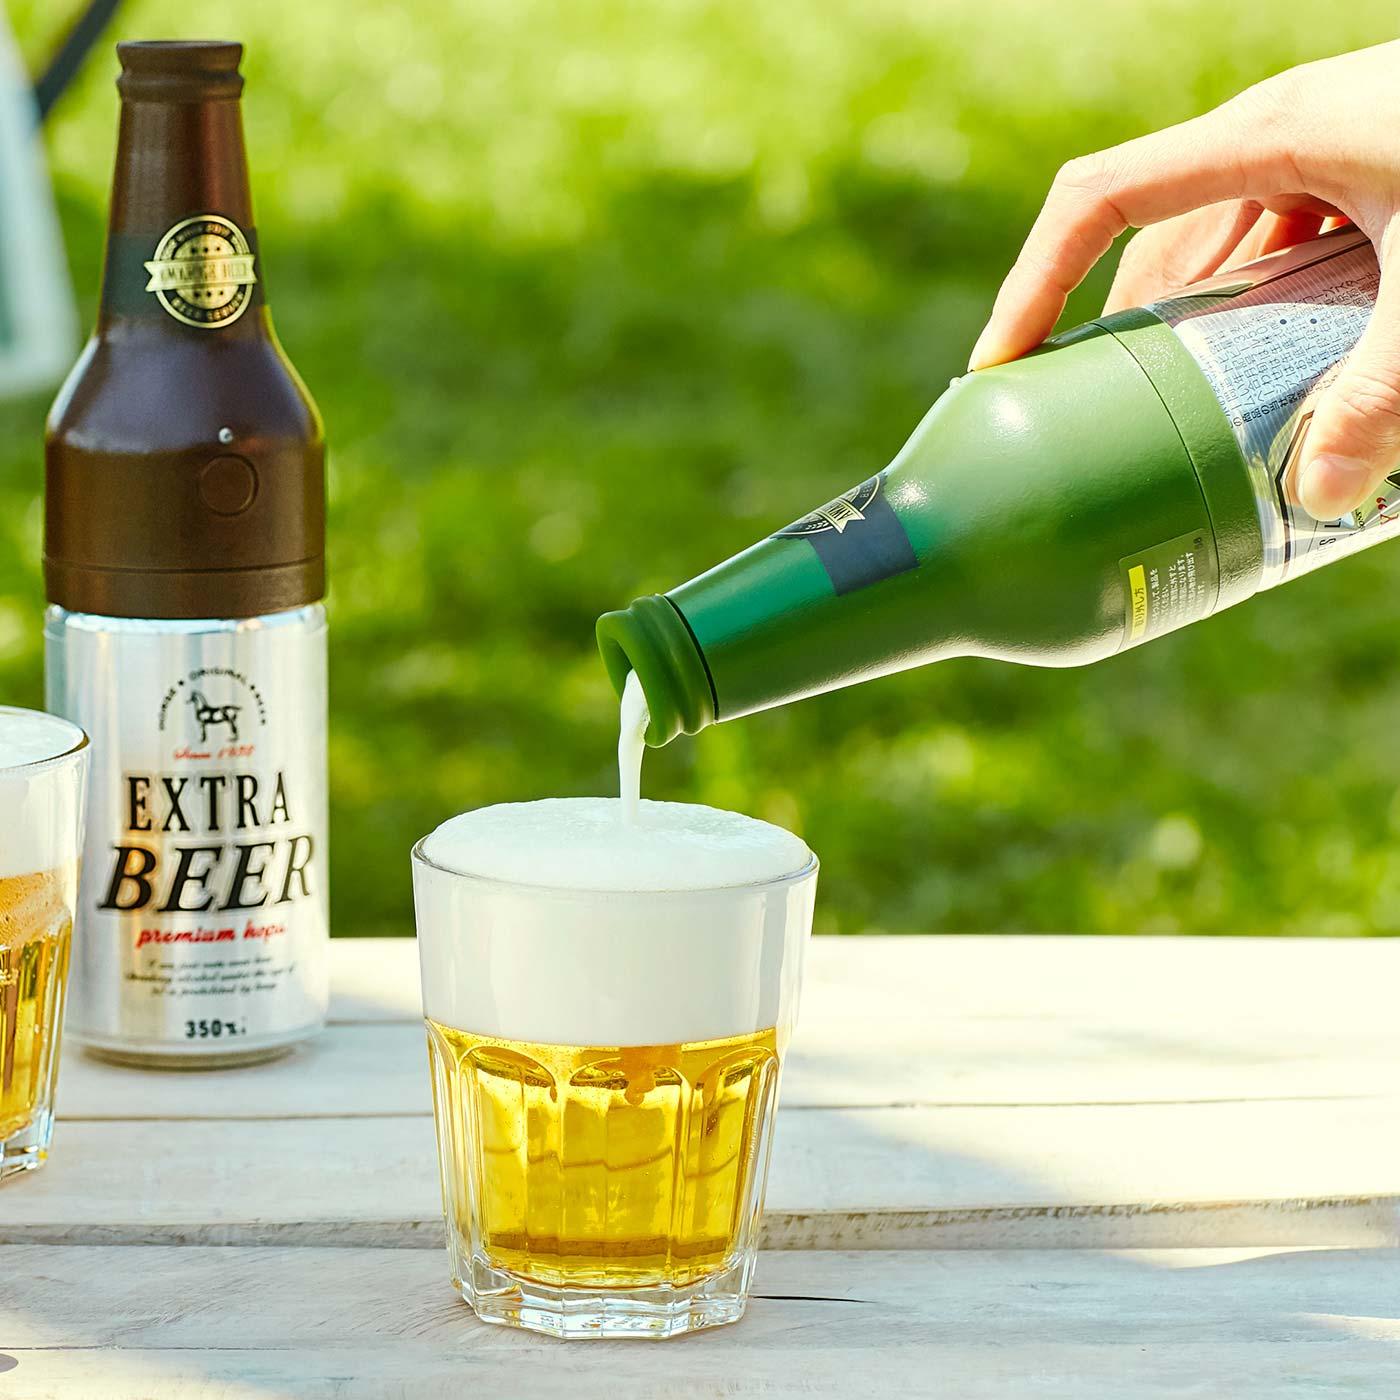 フェリシモ ボタンひとつでクリーミーな泡 缶ビールにセットするビアサーバー〈グリーン〉